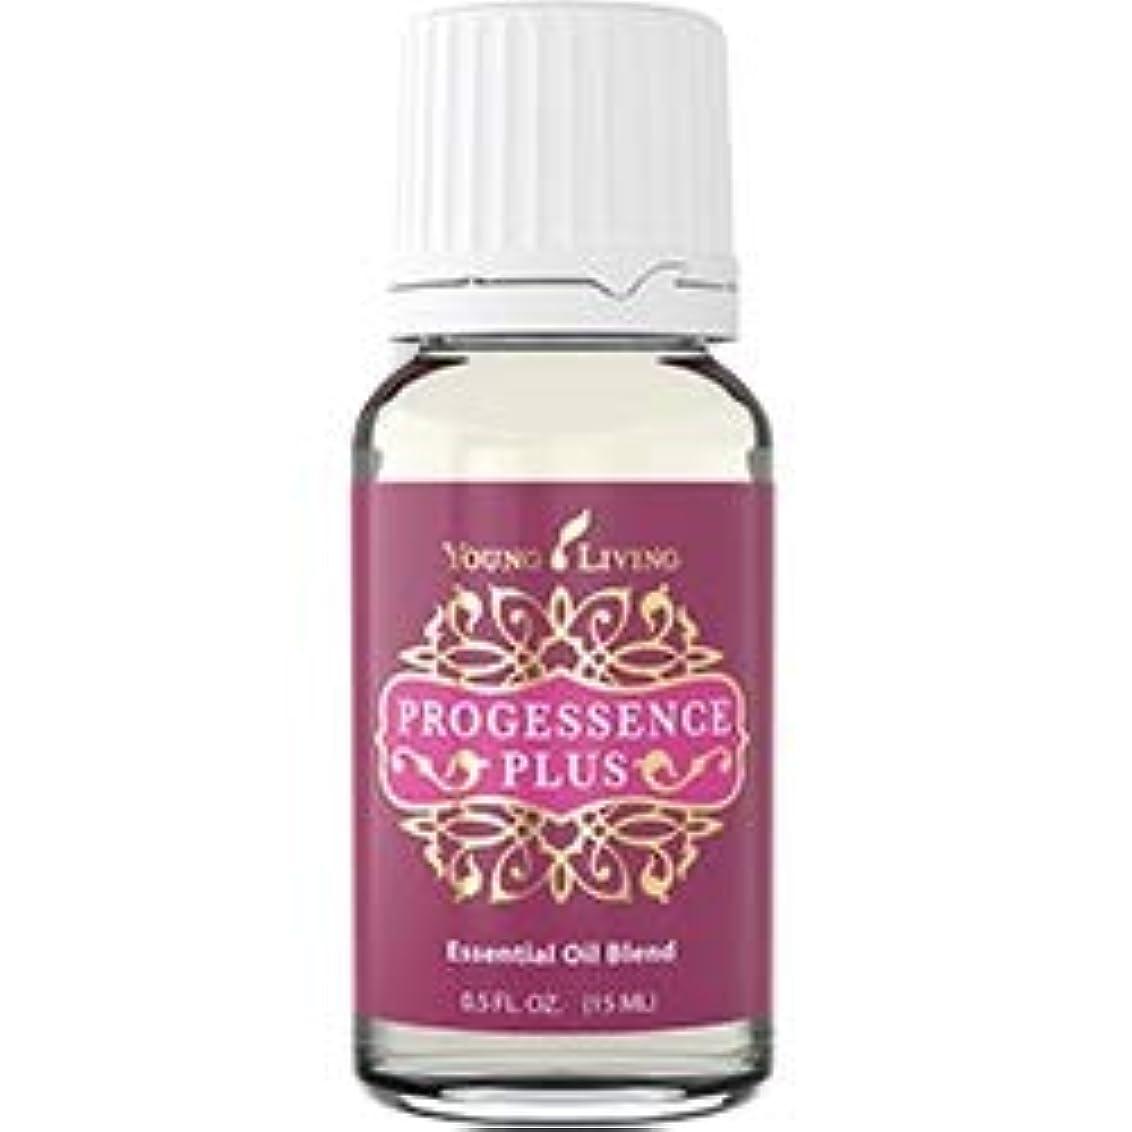 言語学溶融ヒープProgessence Phyto Plus 15ml byヤングリビングエッセンシャルオイル Progessence Phyto Plus 15ml by Young Living Essential Oil